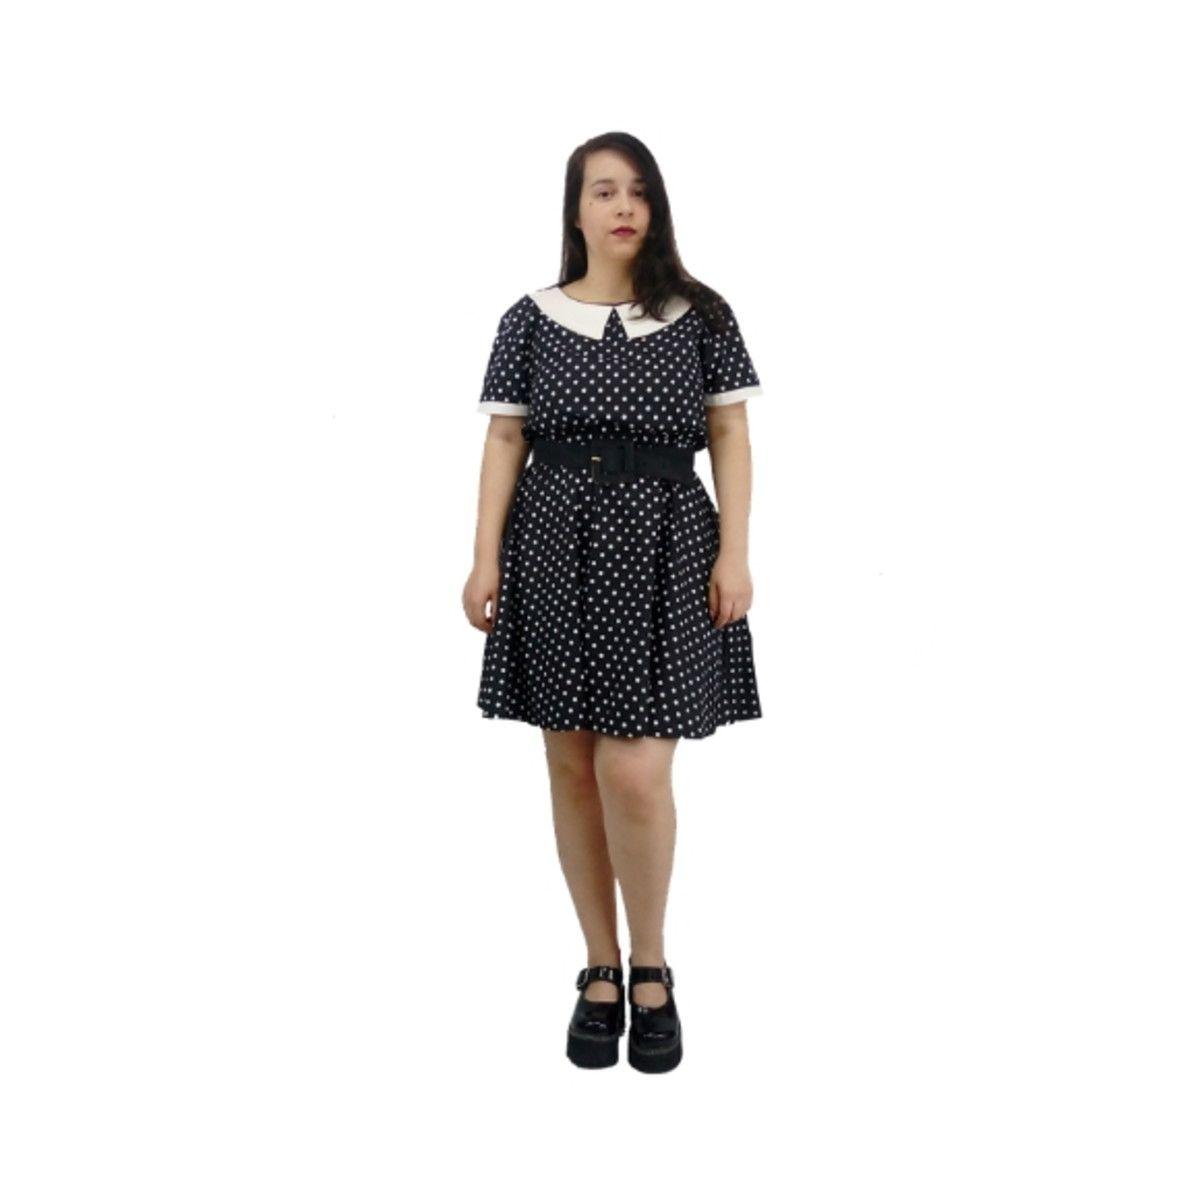 Vestido de Bolinha Preto e Branco